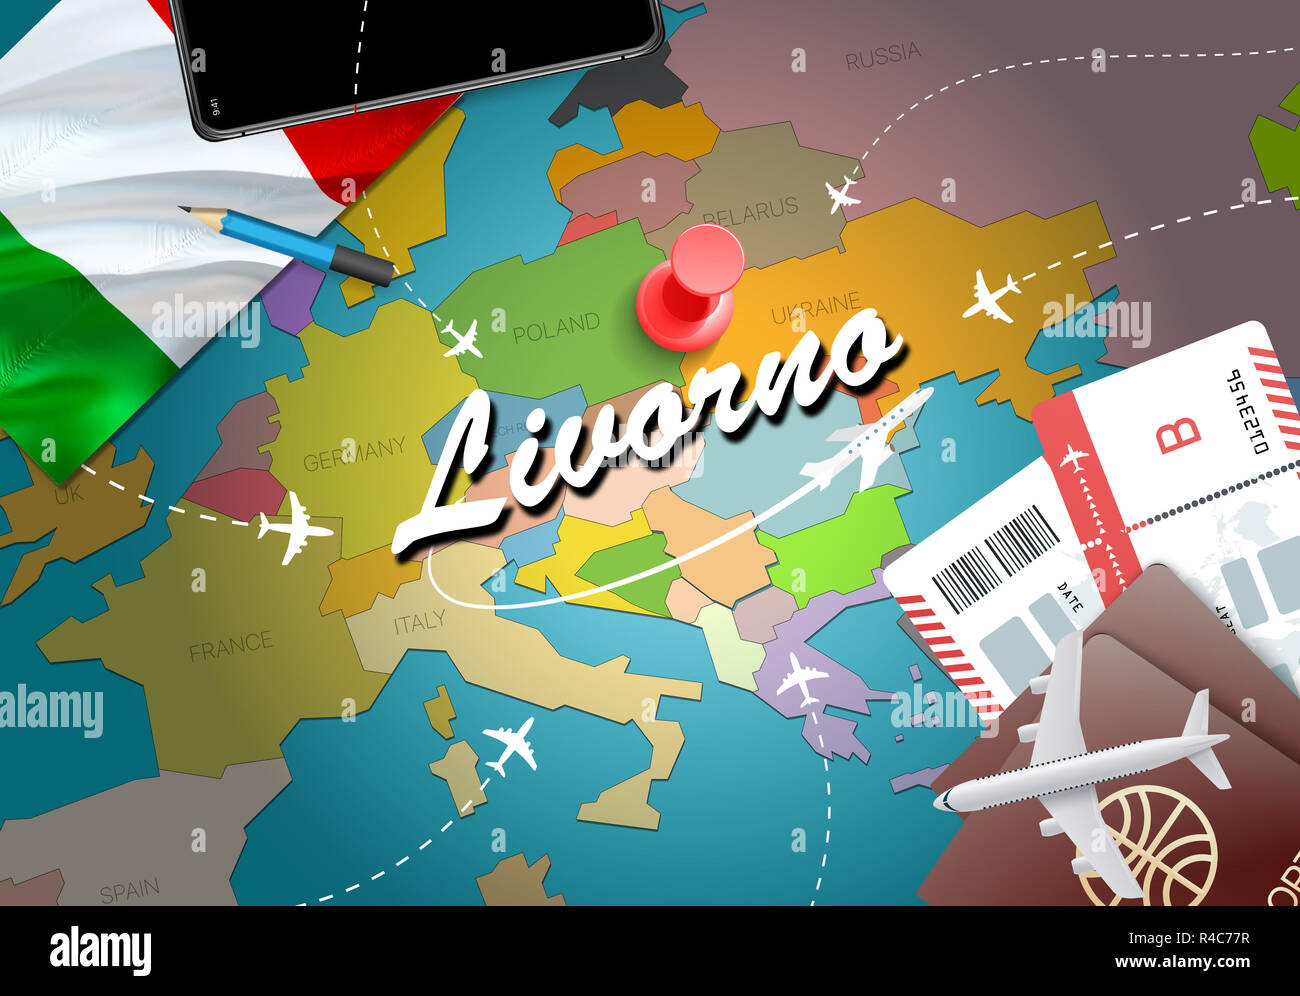 Livorno Map Stock Photos Livorno Map Stock Images Alamy